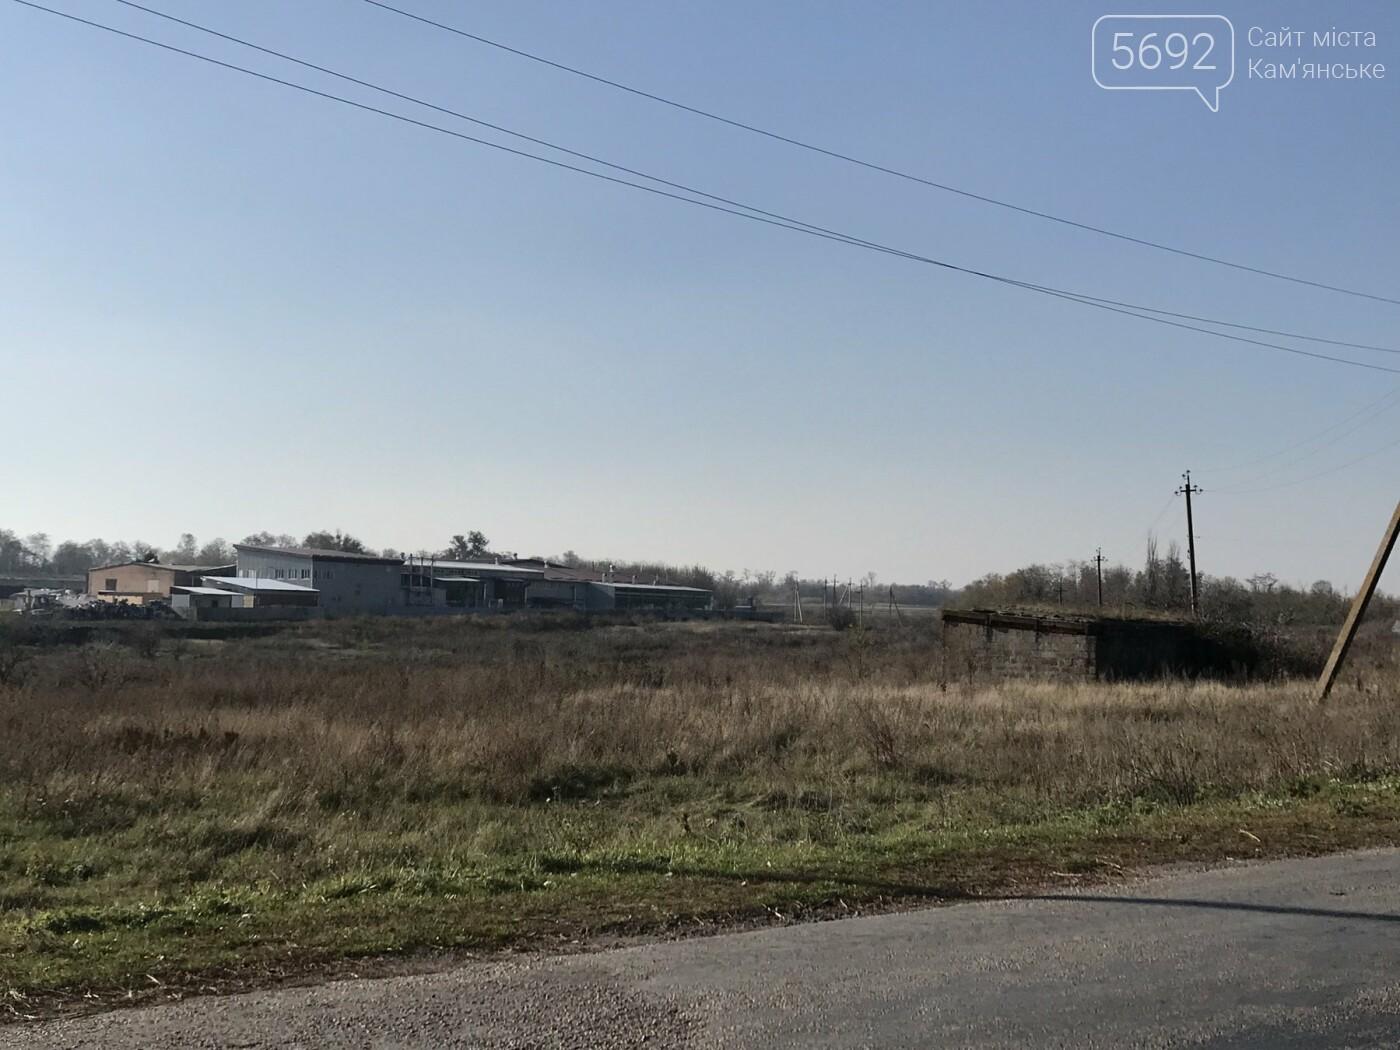 Что получит Каменское в случае присоединения: репортаж из Степового, фото-5